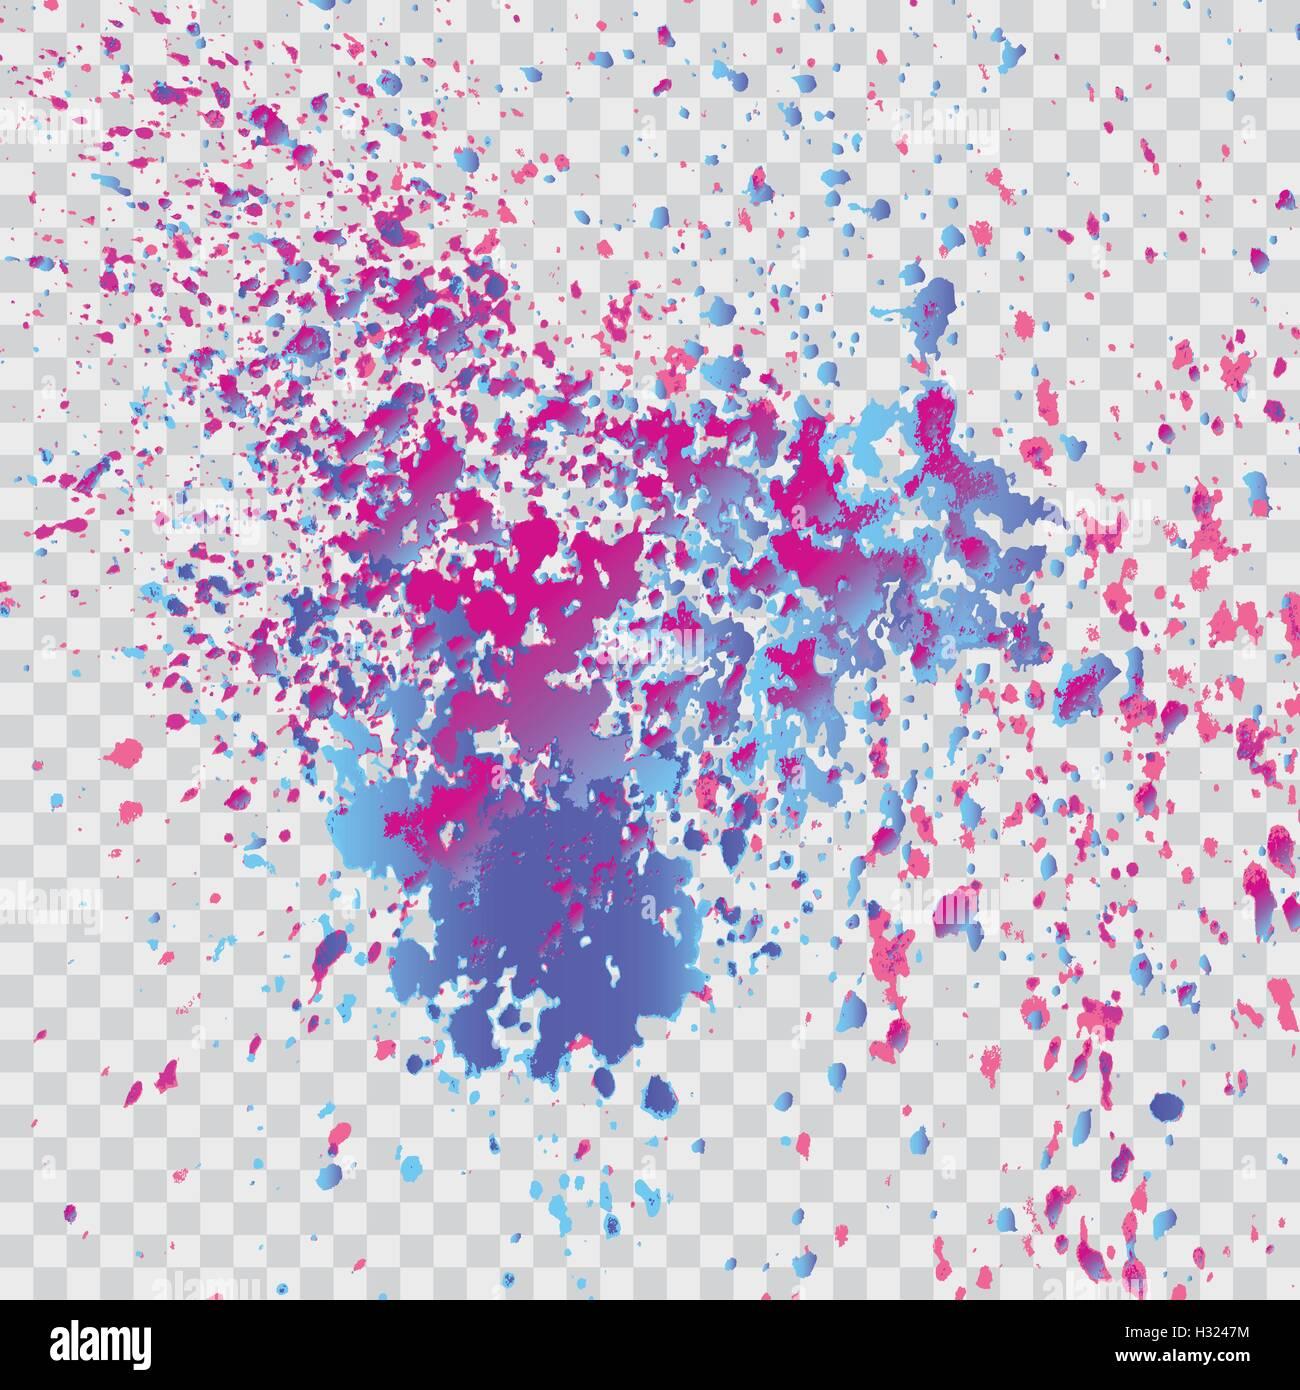 Peinture Blanche A Paillette explosion de peinture colorée splatter. isolé sur fond gris